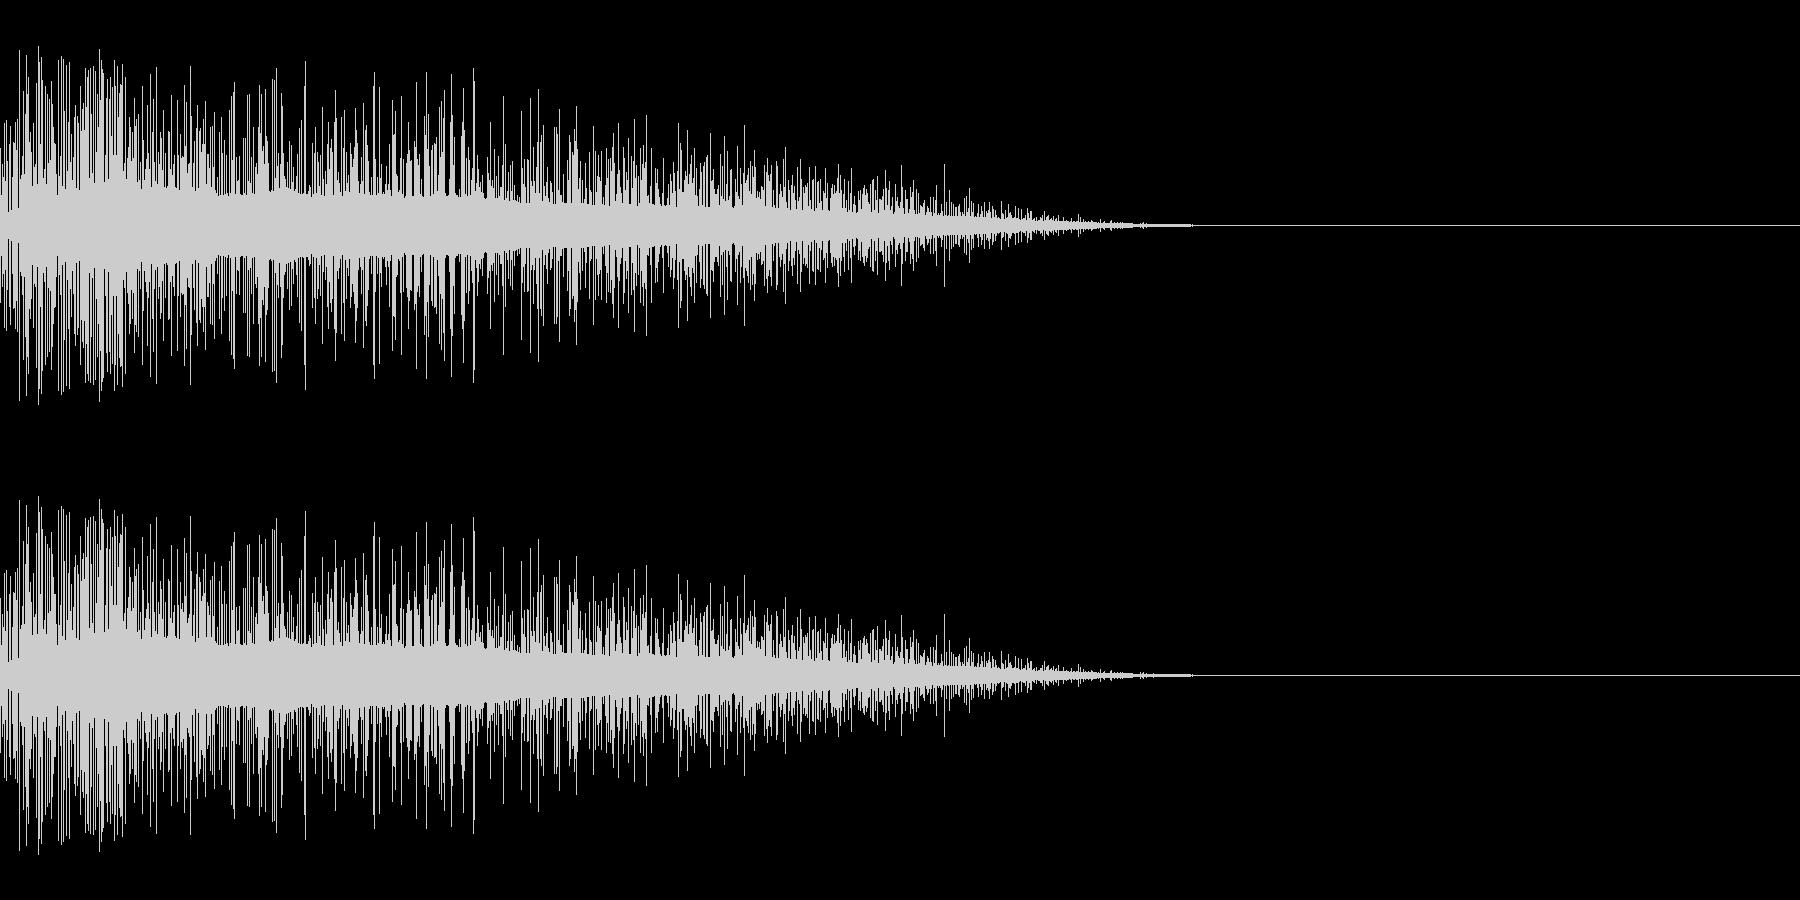 キュイン(パワーアップ/アイテム入手)の未再生の波形